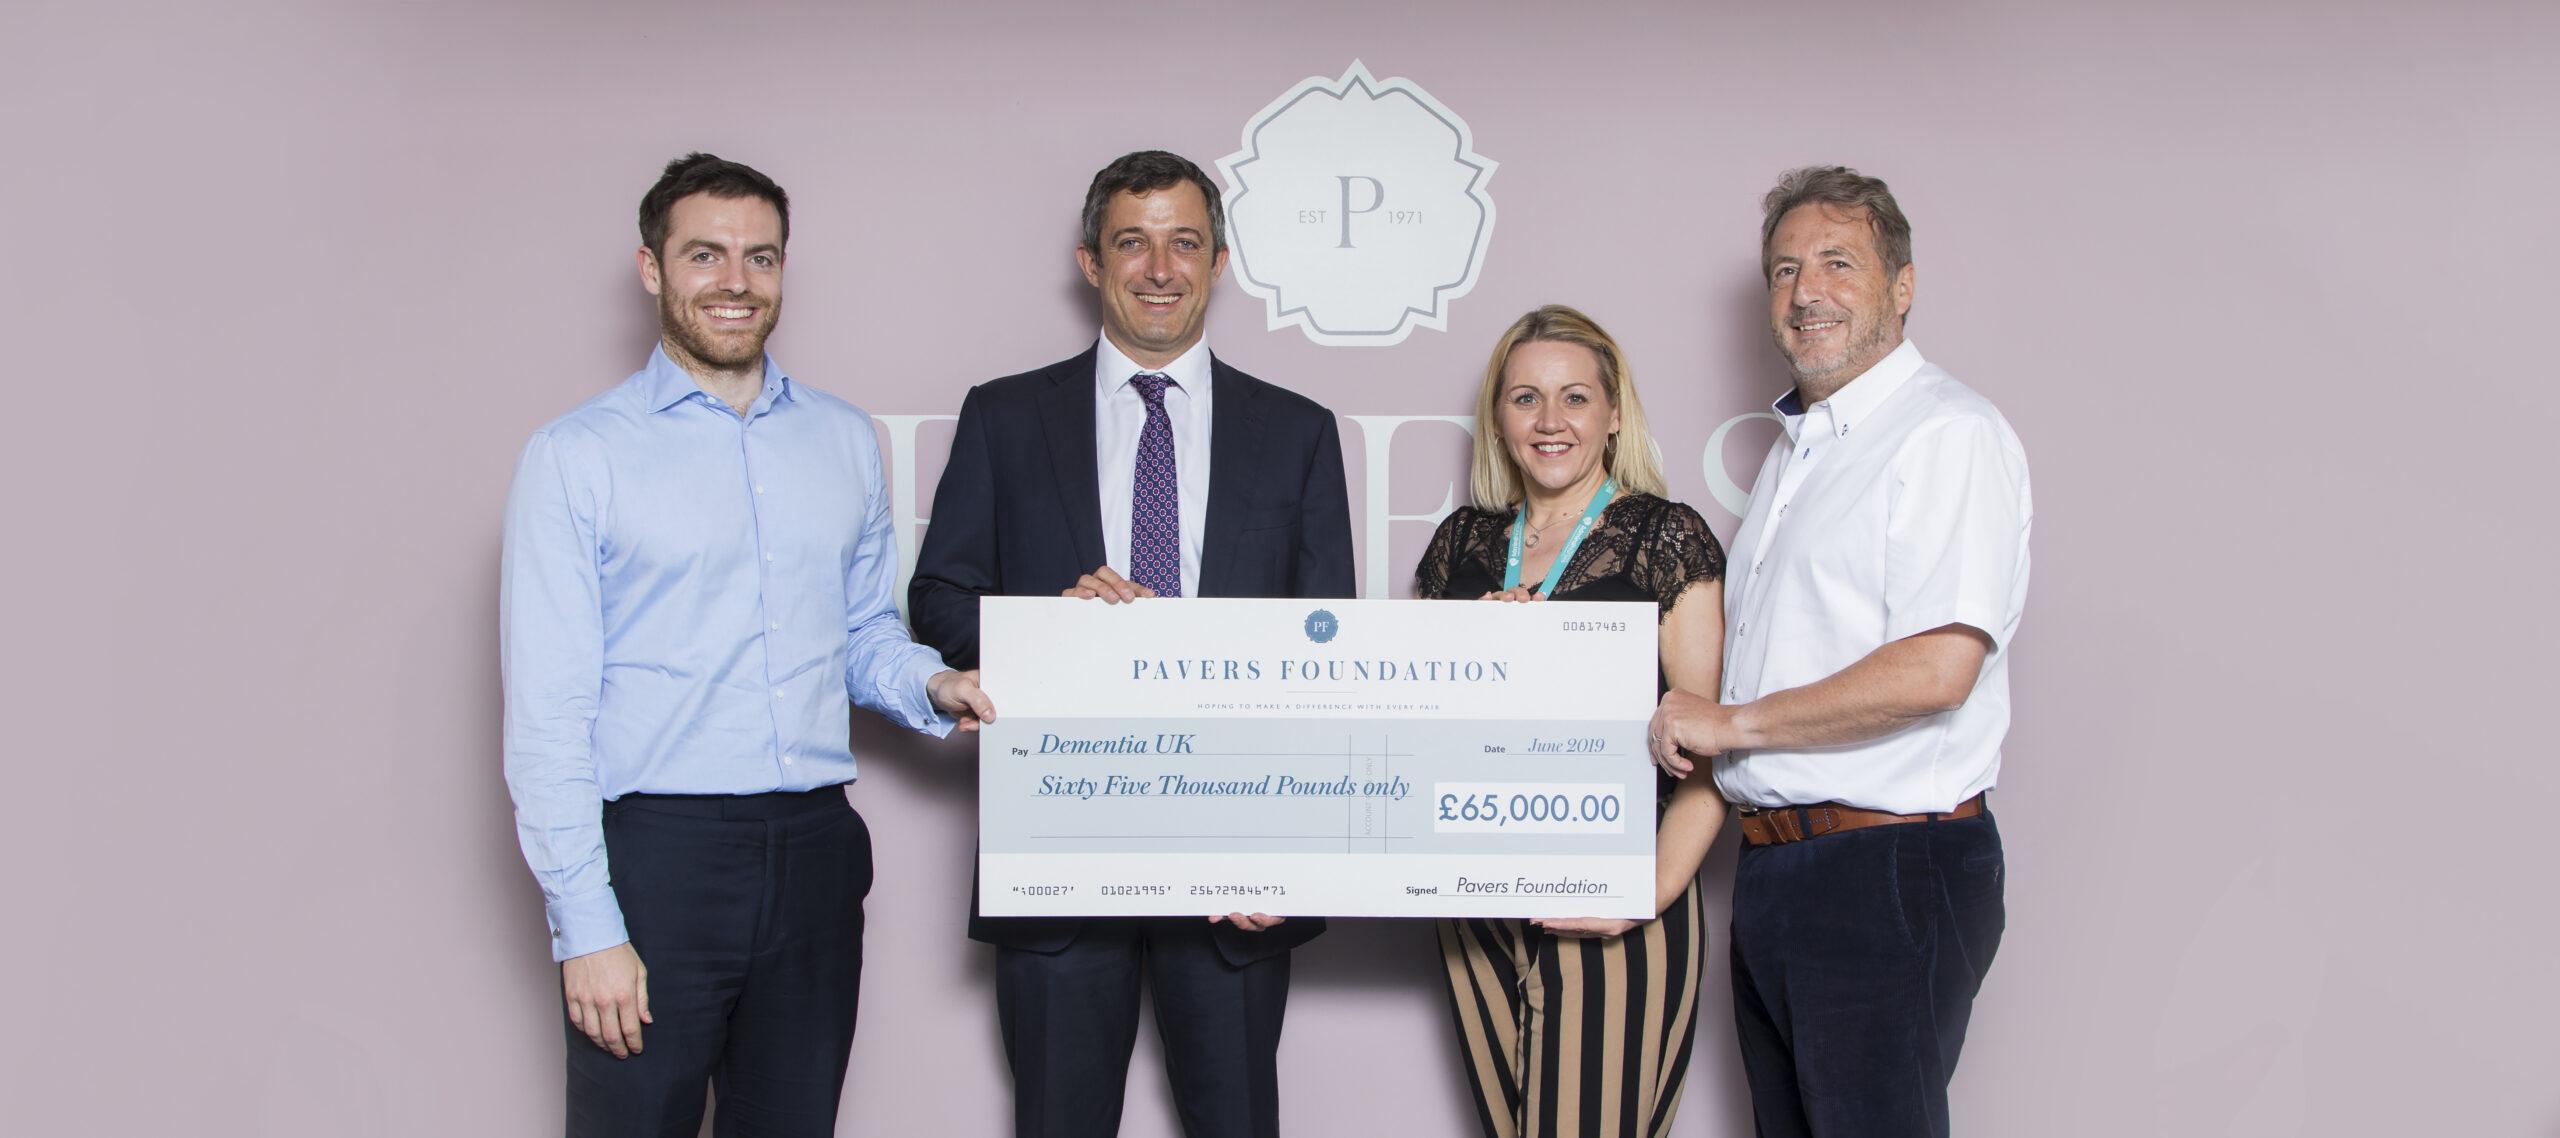 Dementia UK receive £65,000!